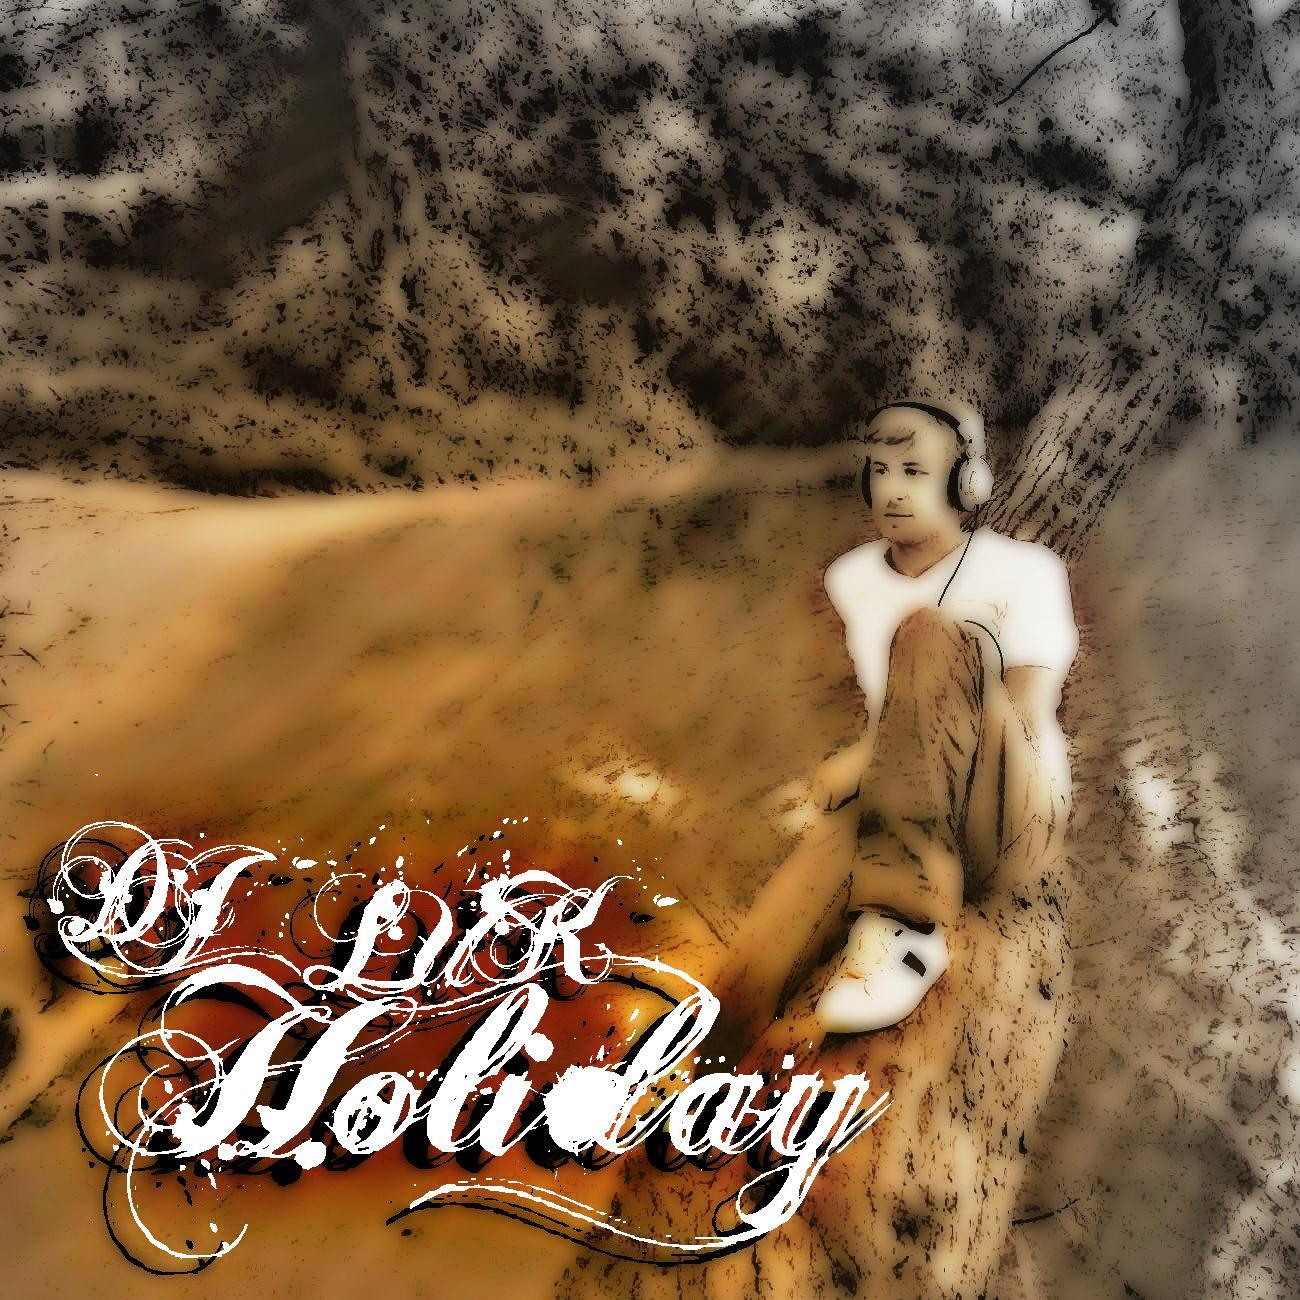 DJ LUK - Holiday (EP)